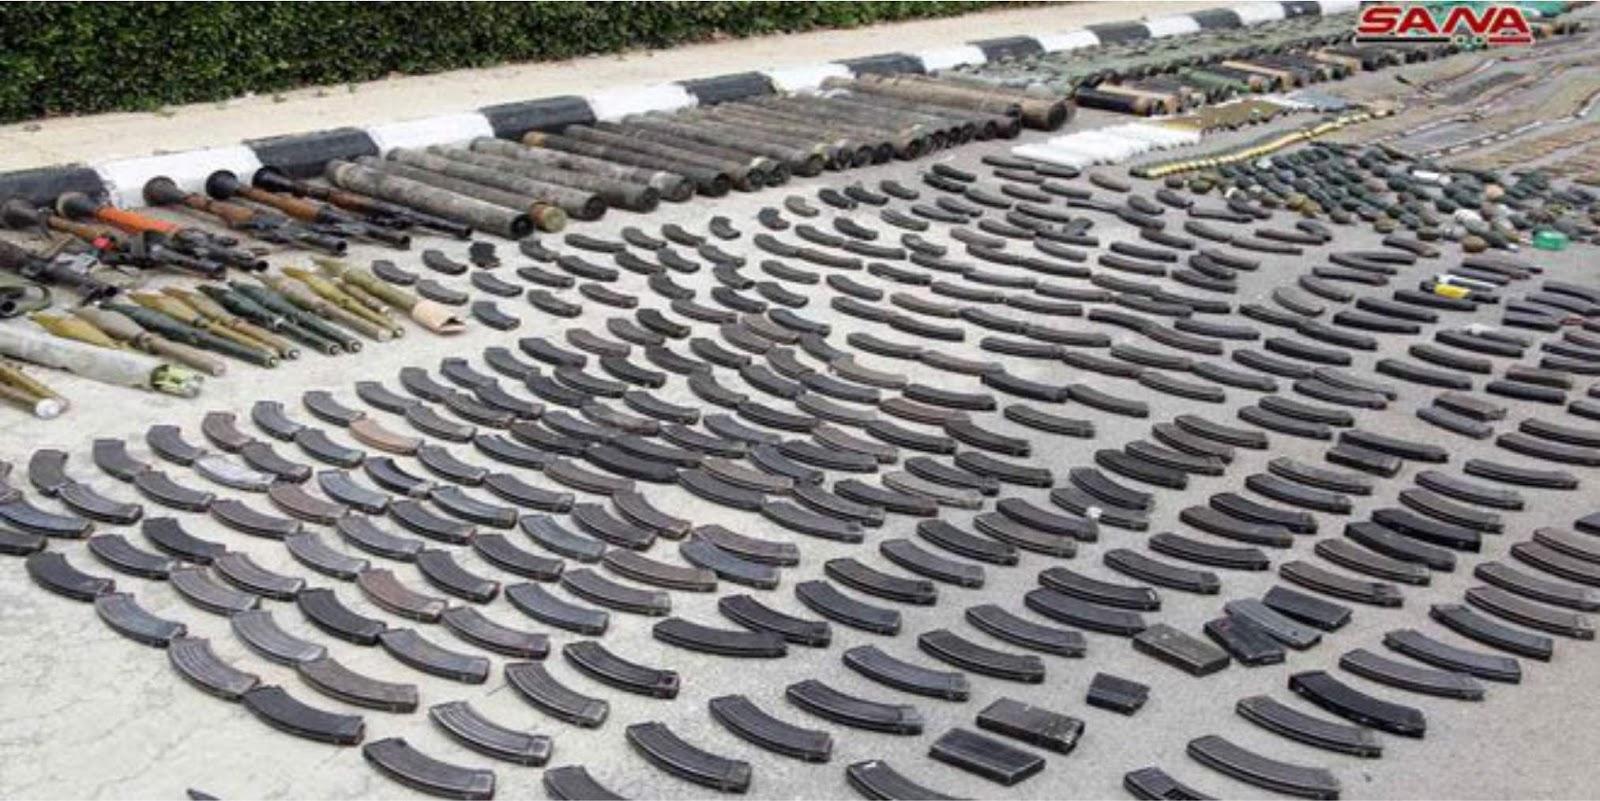 Salah satu pemasok senjata ke pemberontak Suriah diungkapkan